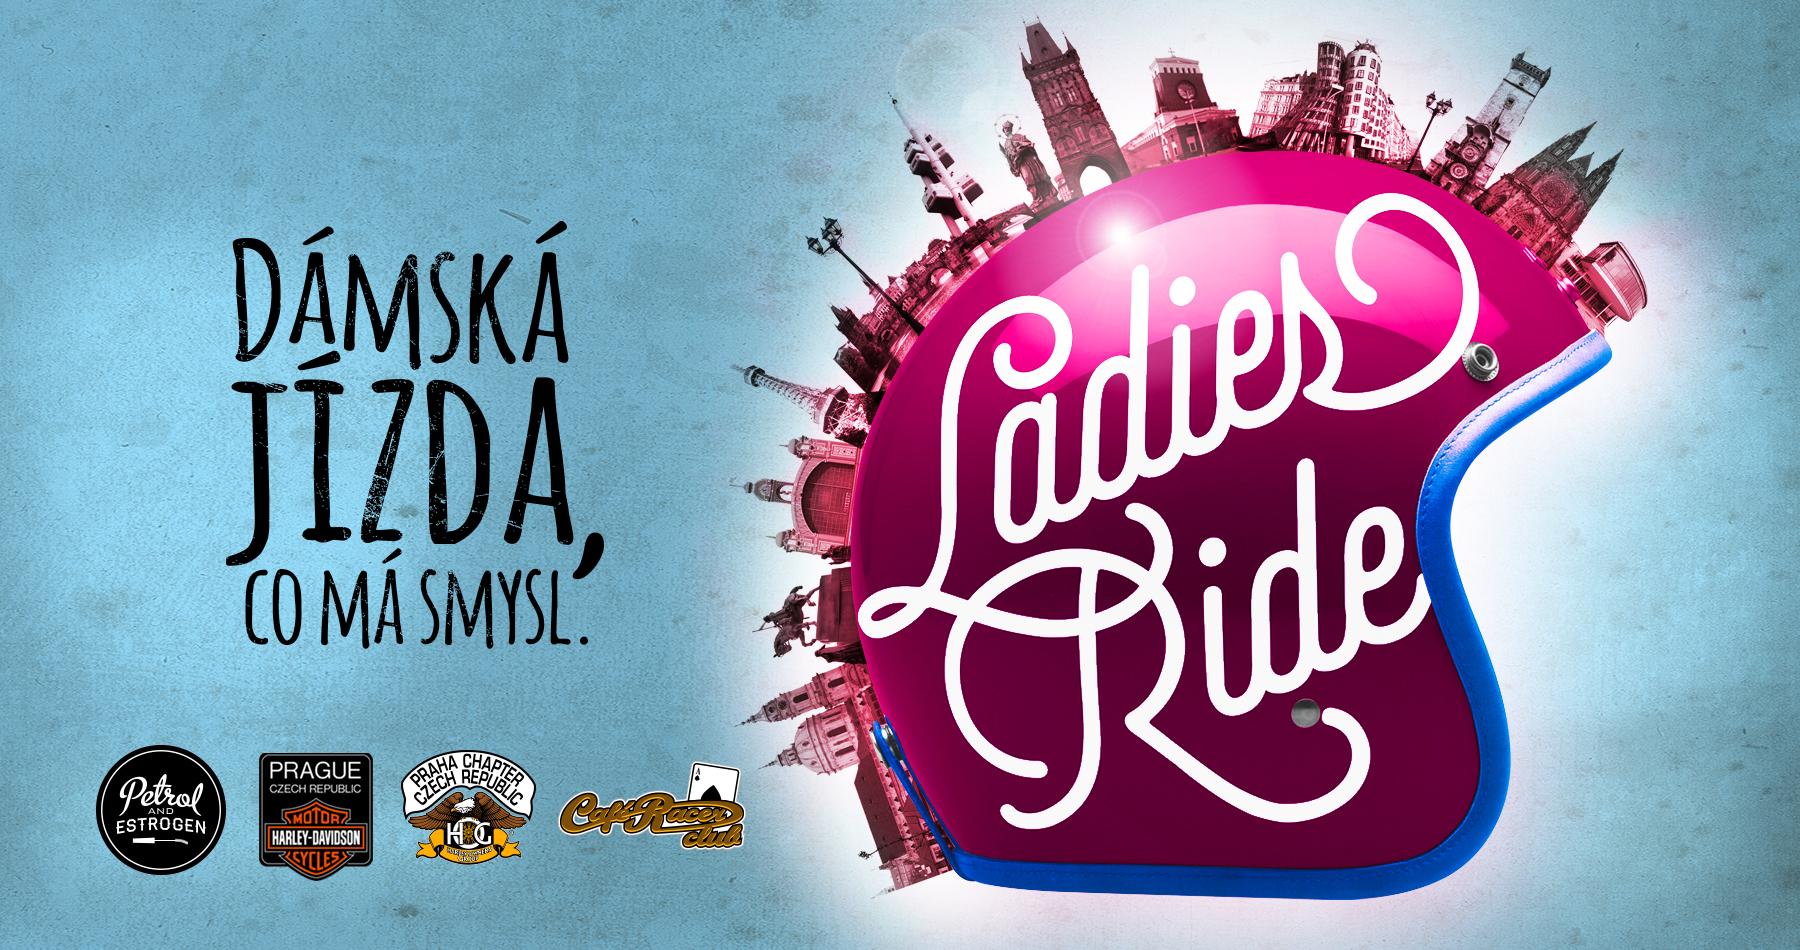 Ladies Ride (zdroj Petrol & Estrogen)